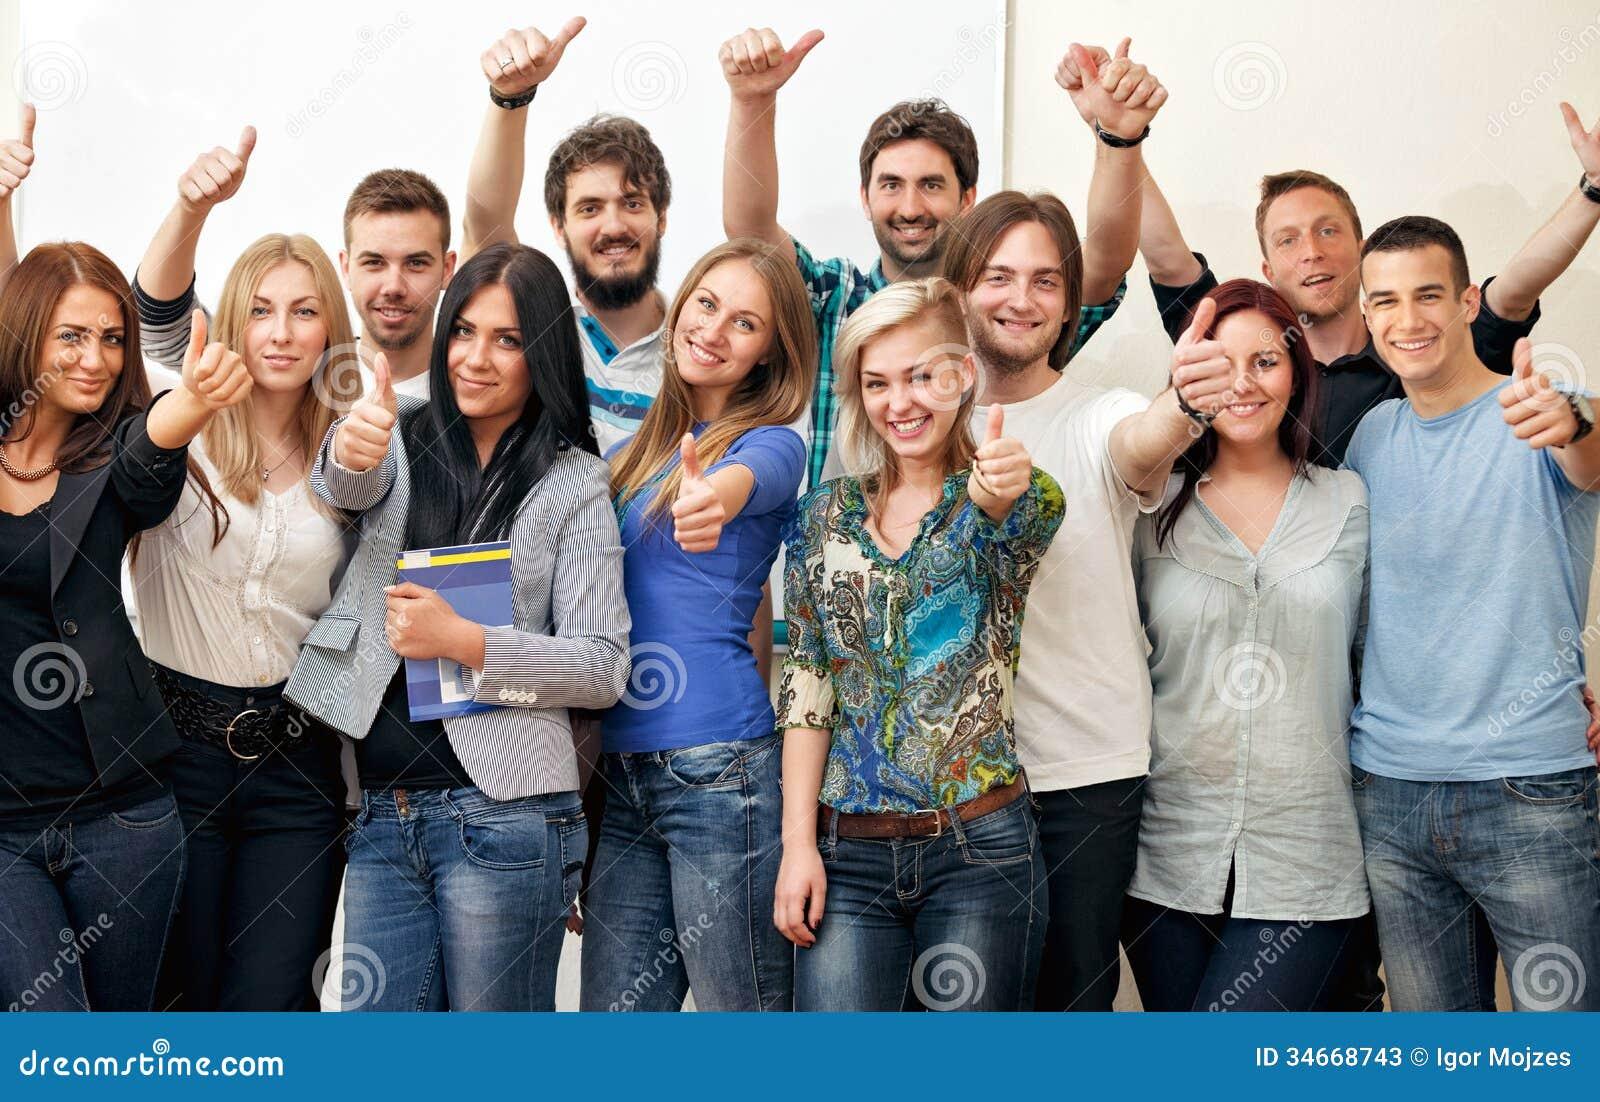 Grupp av studenter